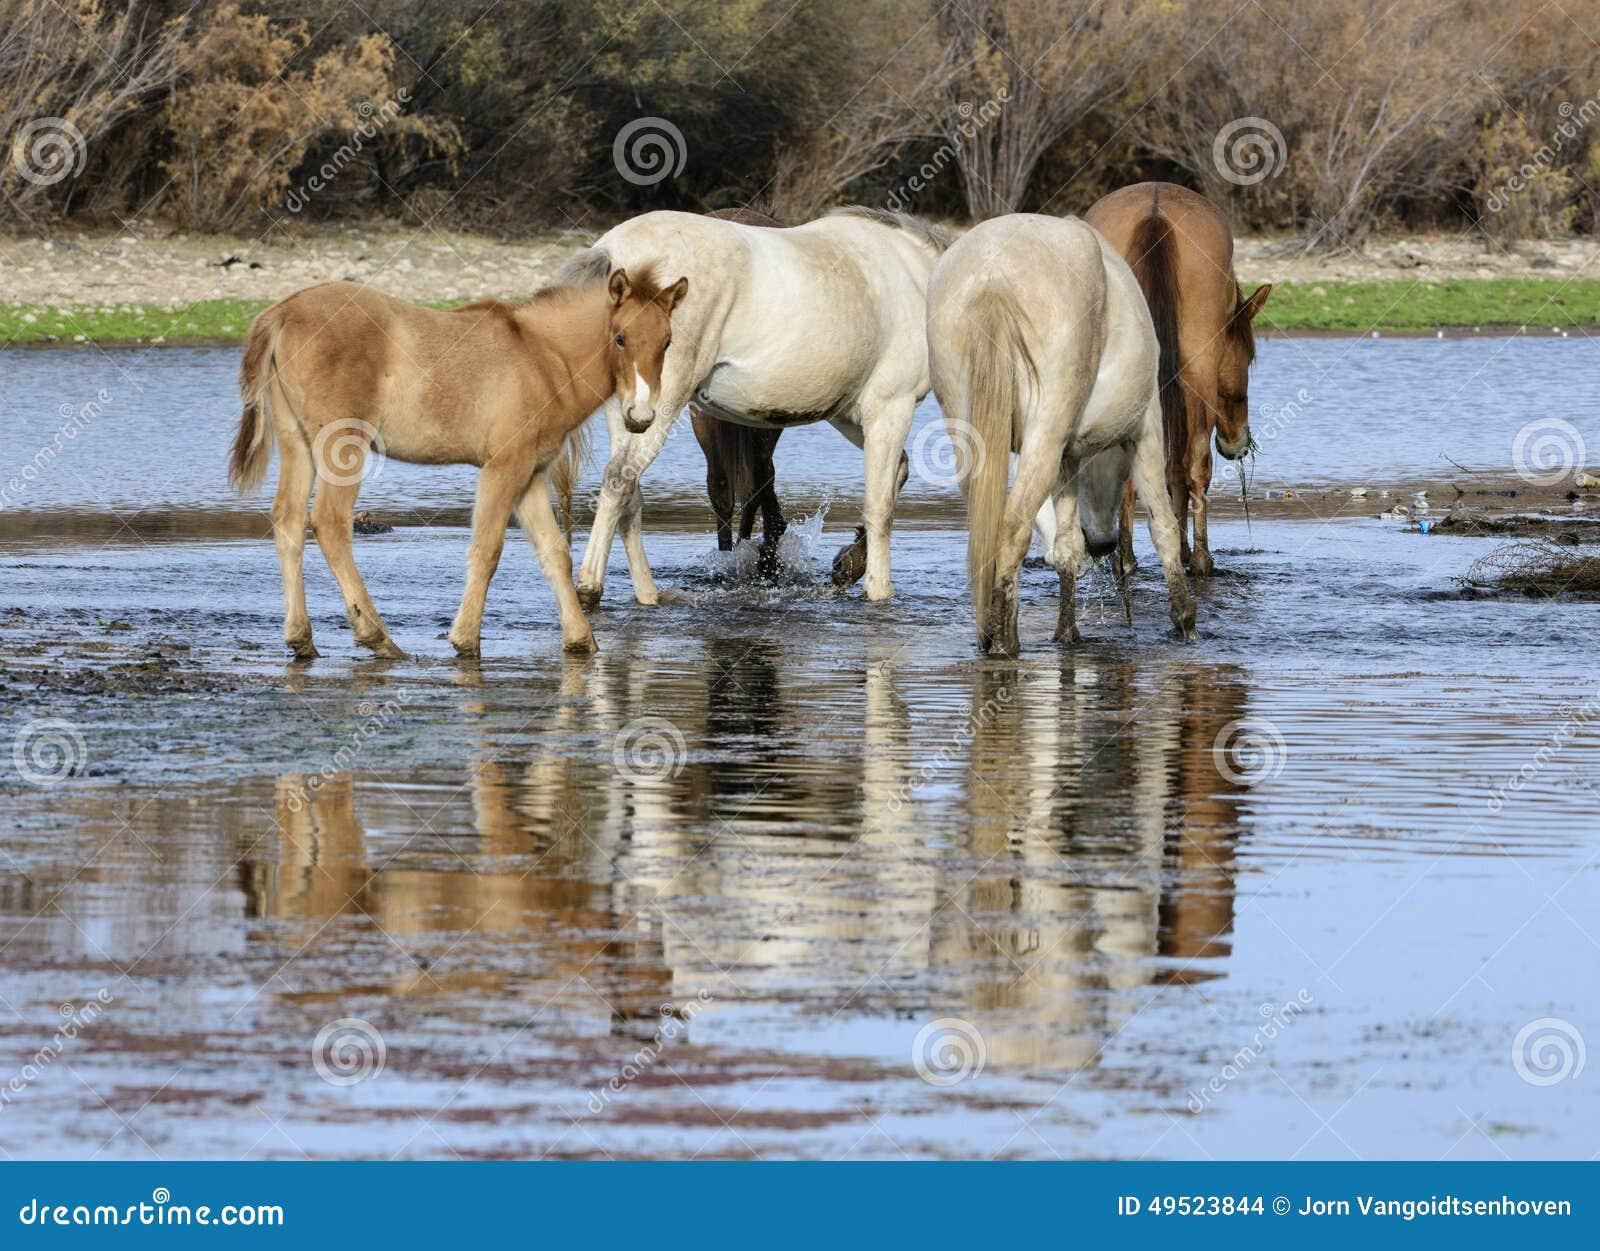 Solankowy Rzeczny dzikiego konia źrebak w rzece